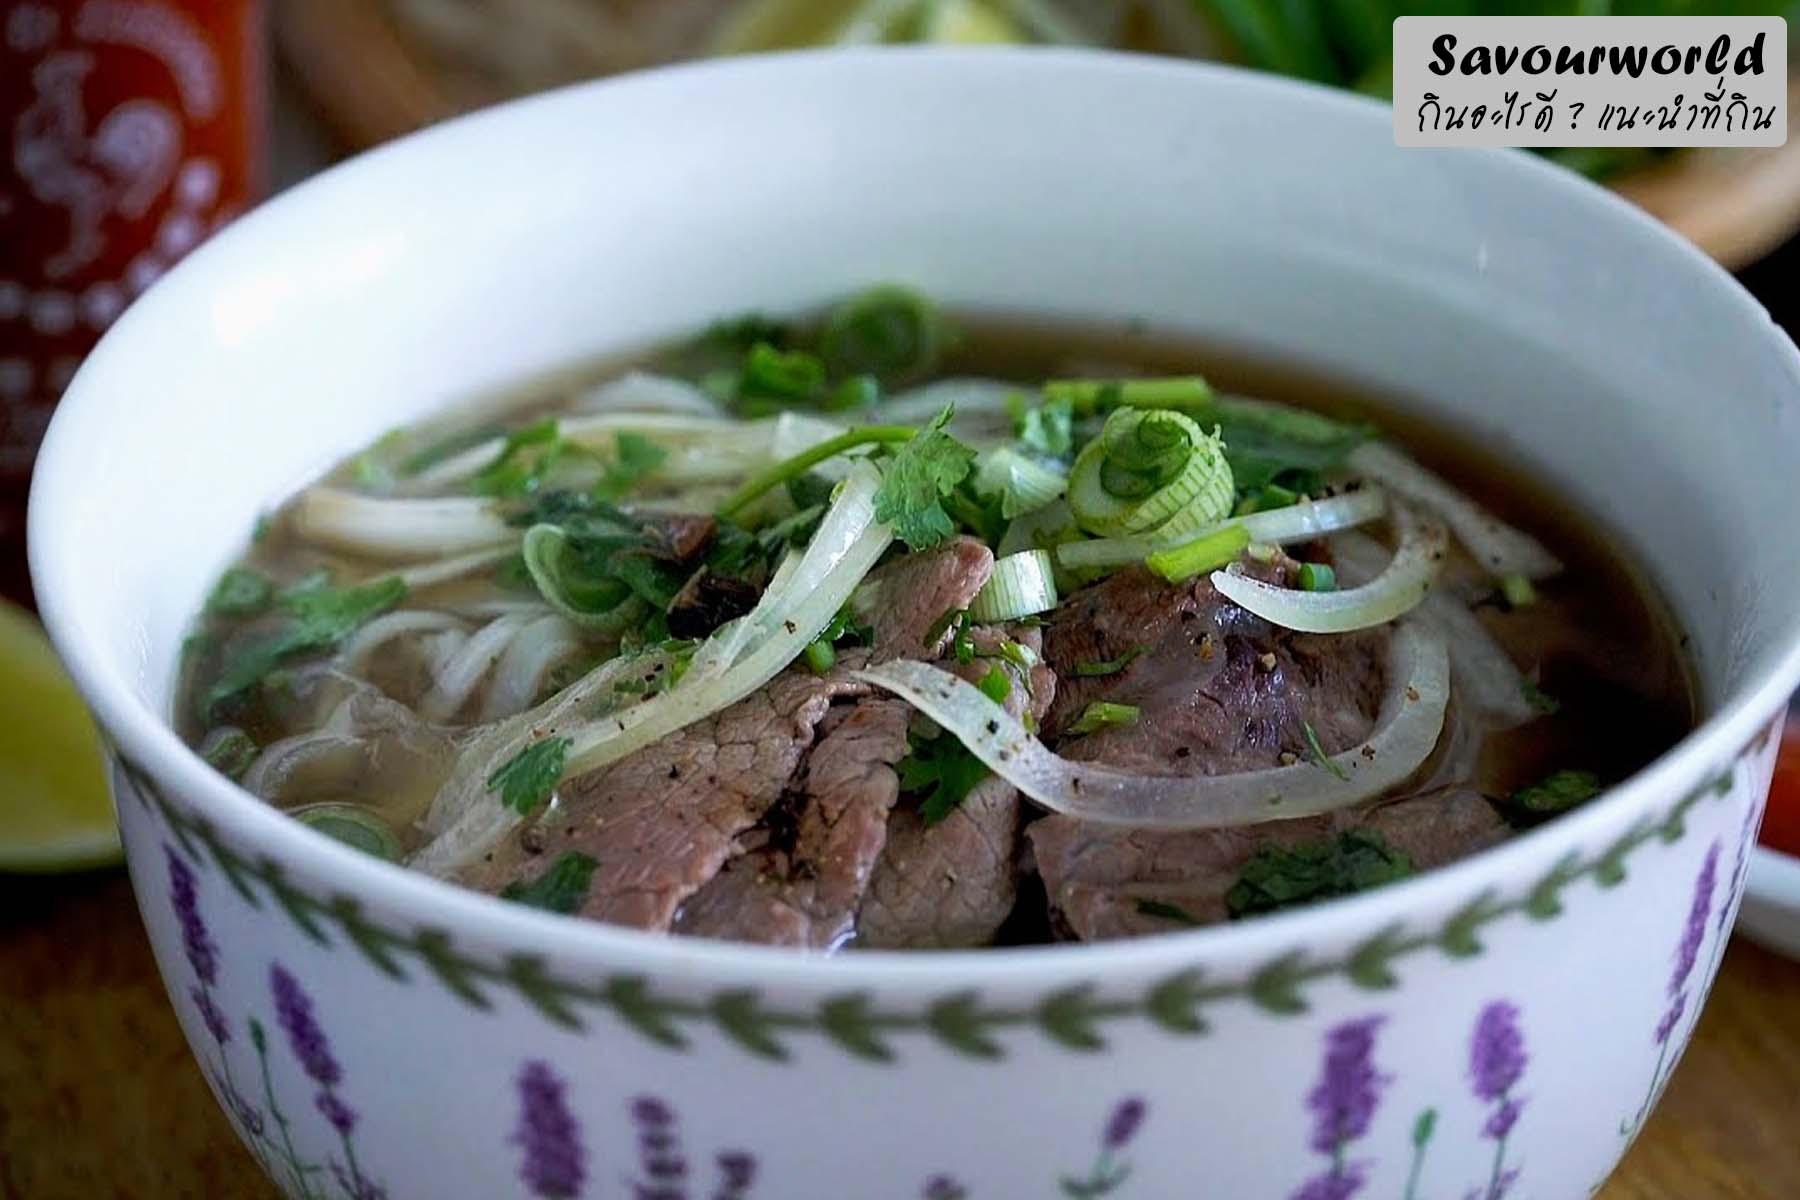 เฝ๋อ ก๋วยเตี๋ยวเนื้อ อร่อยเผ็ดร้อนสไตล์เวียดนาม - savourworld.com